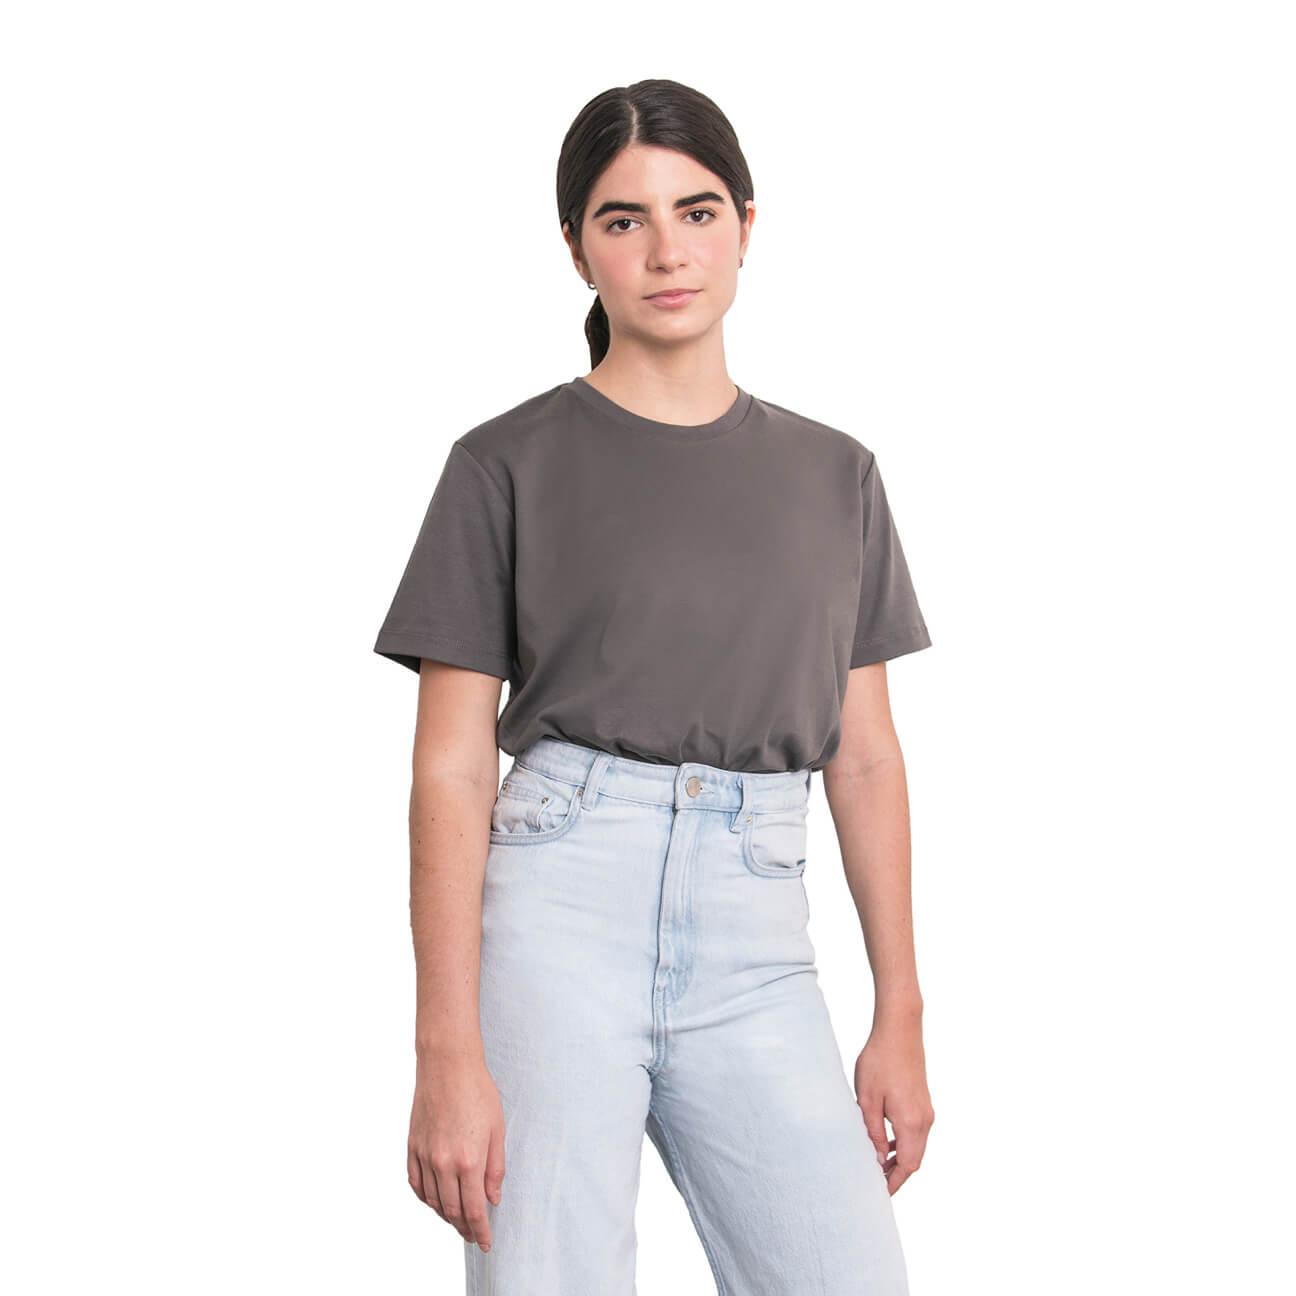 Boyfriend shirt básica gris verticales frente